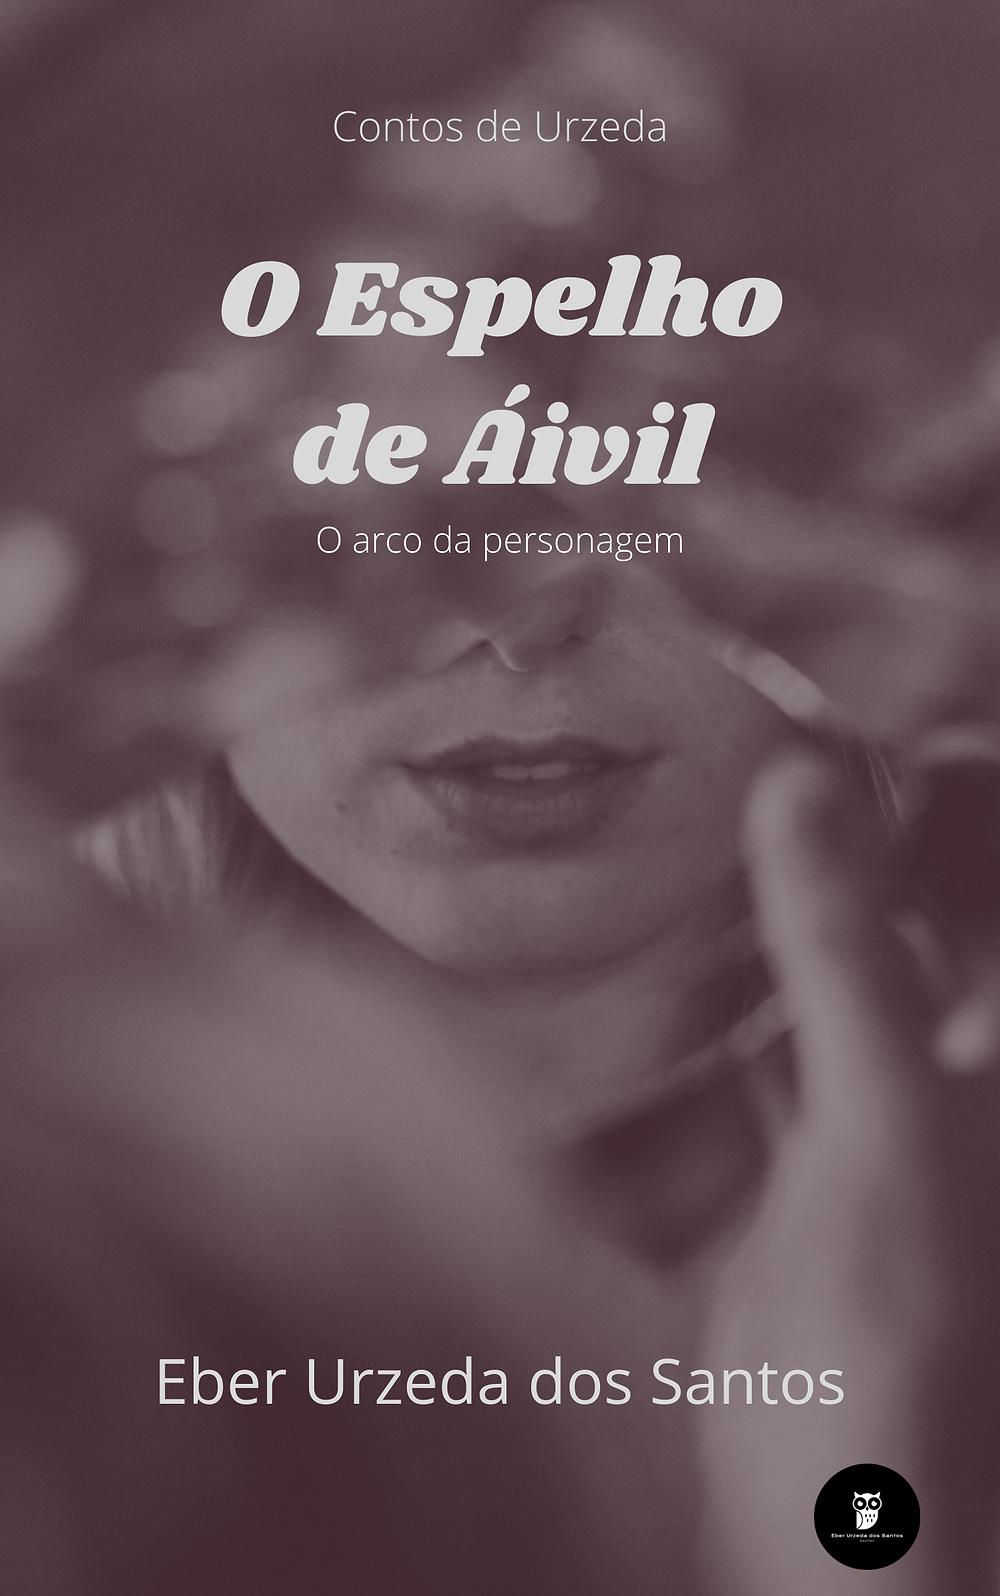 Eber Urzeda dos Santos: Contos de Urzeda